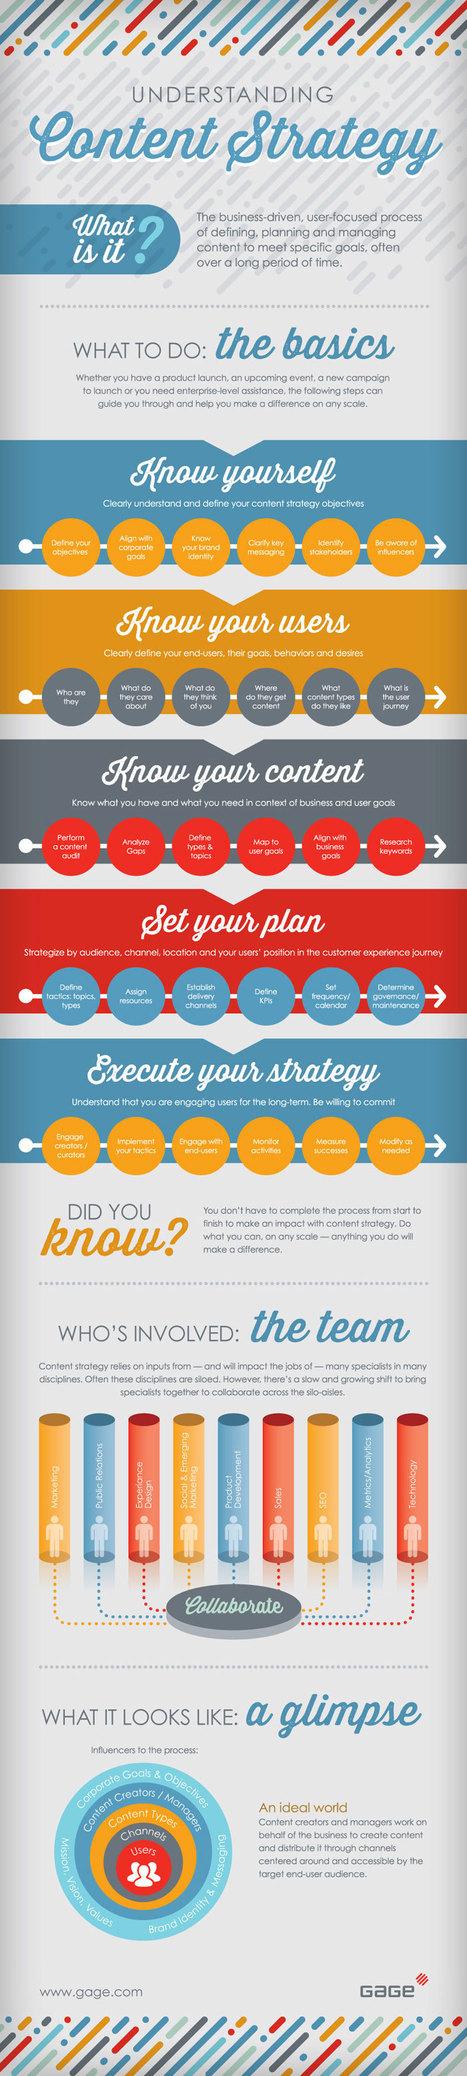 Tout l'art du Content Marketing en 8 infographies in-di-spensables (Business 2 community) | Content-marketing : oh oui ! | Scoop.it